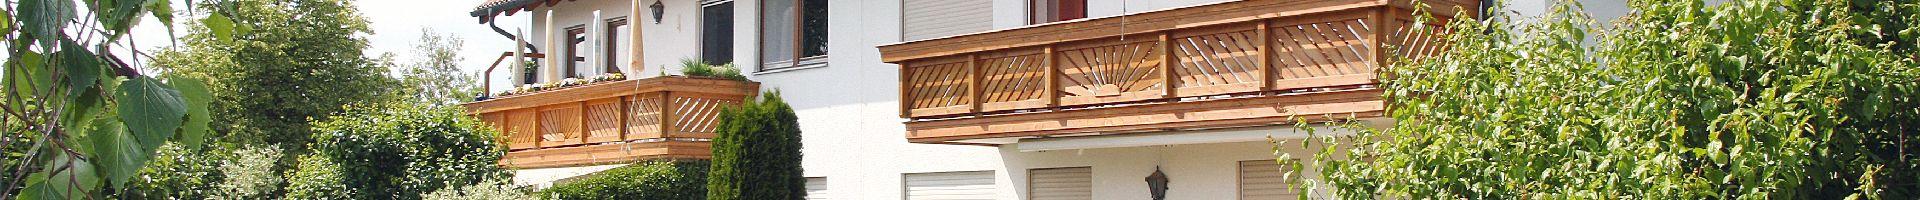 Professionelle Balkon Renovierungen